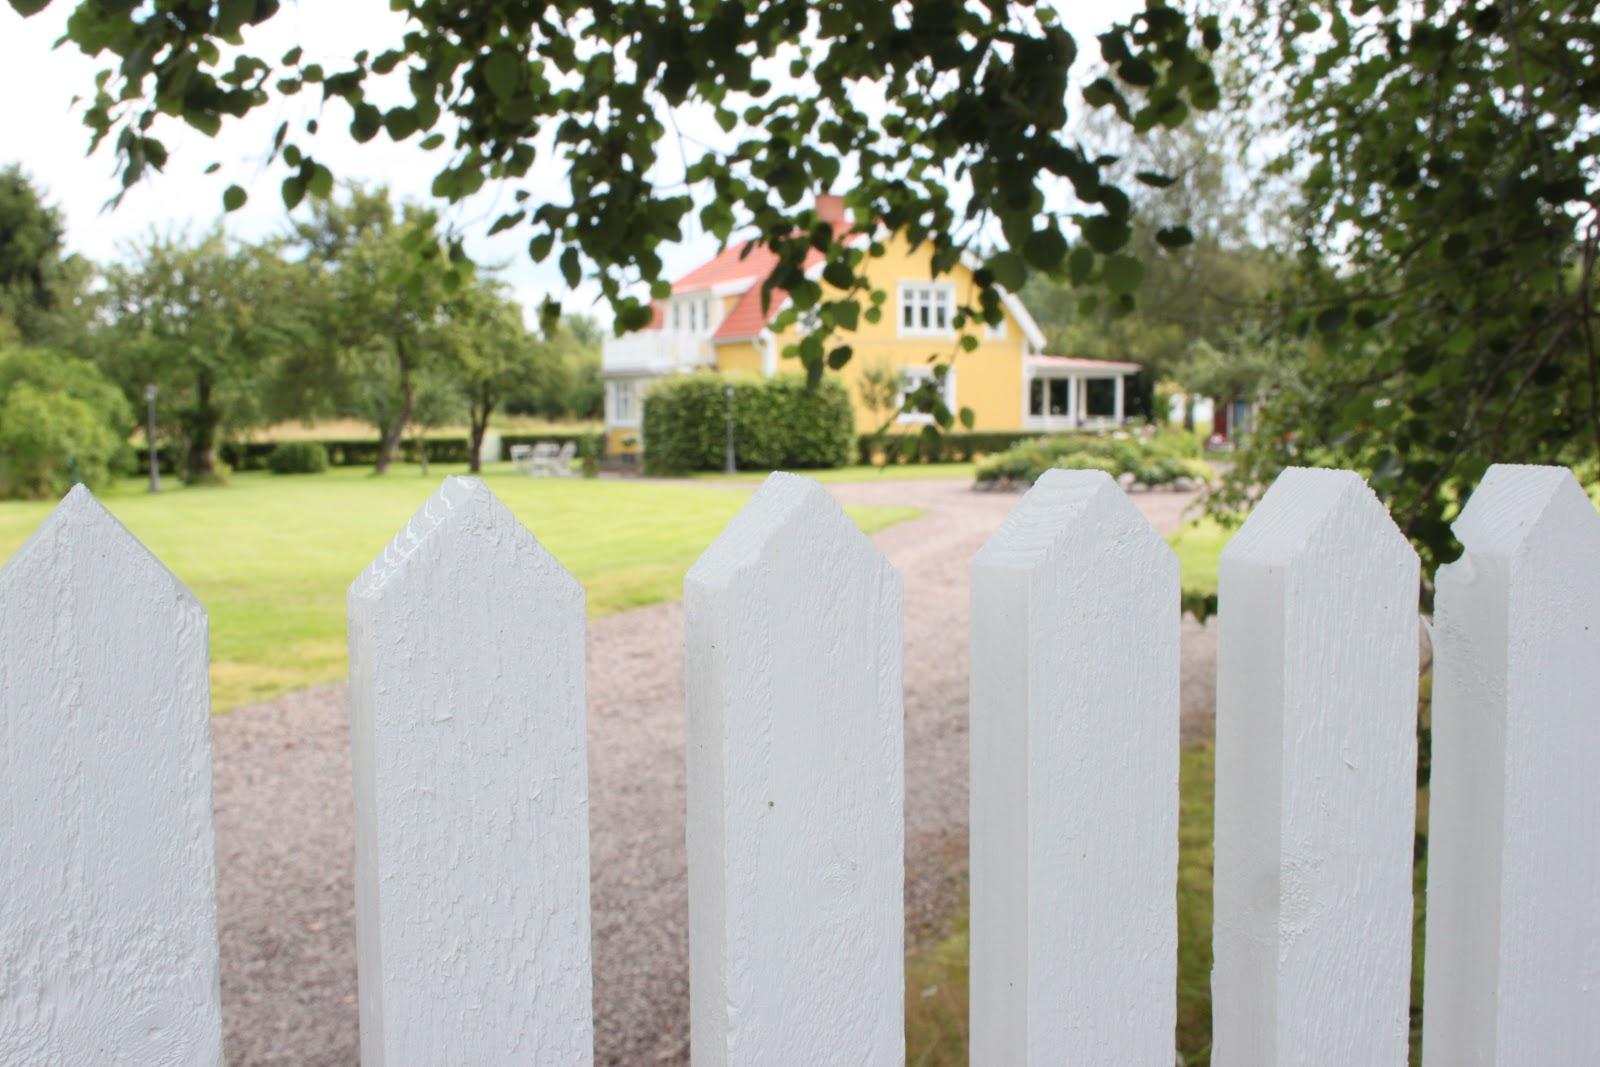 Add: design / anna stenberg / lantligt på svanängen: nytt staket ...